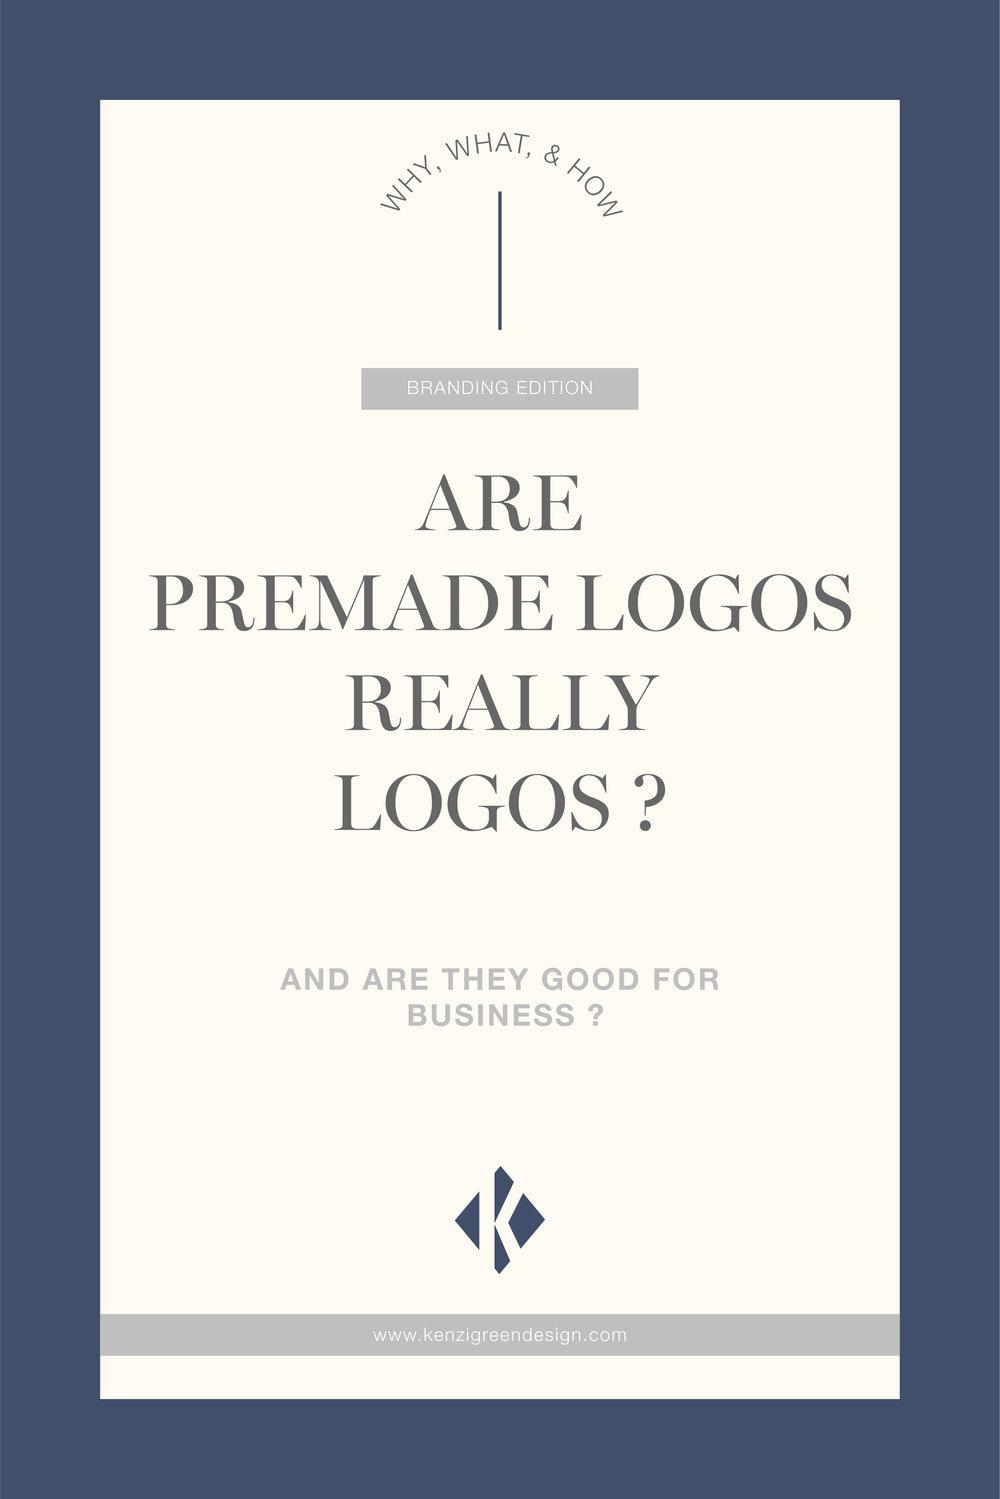 Are Premade Logos Really Logos